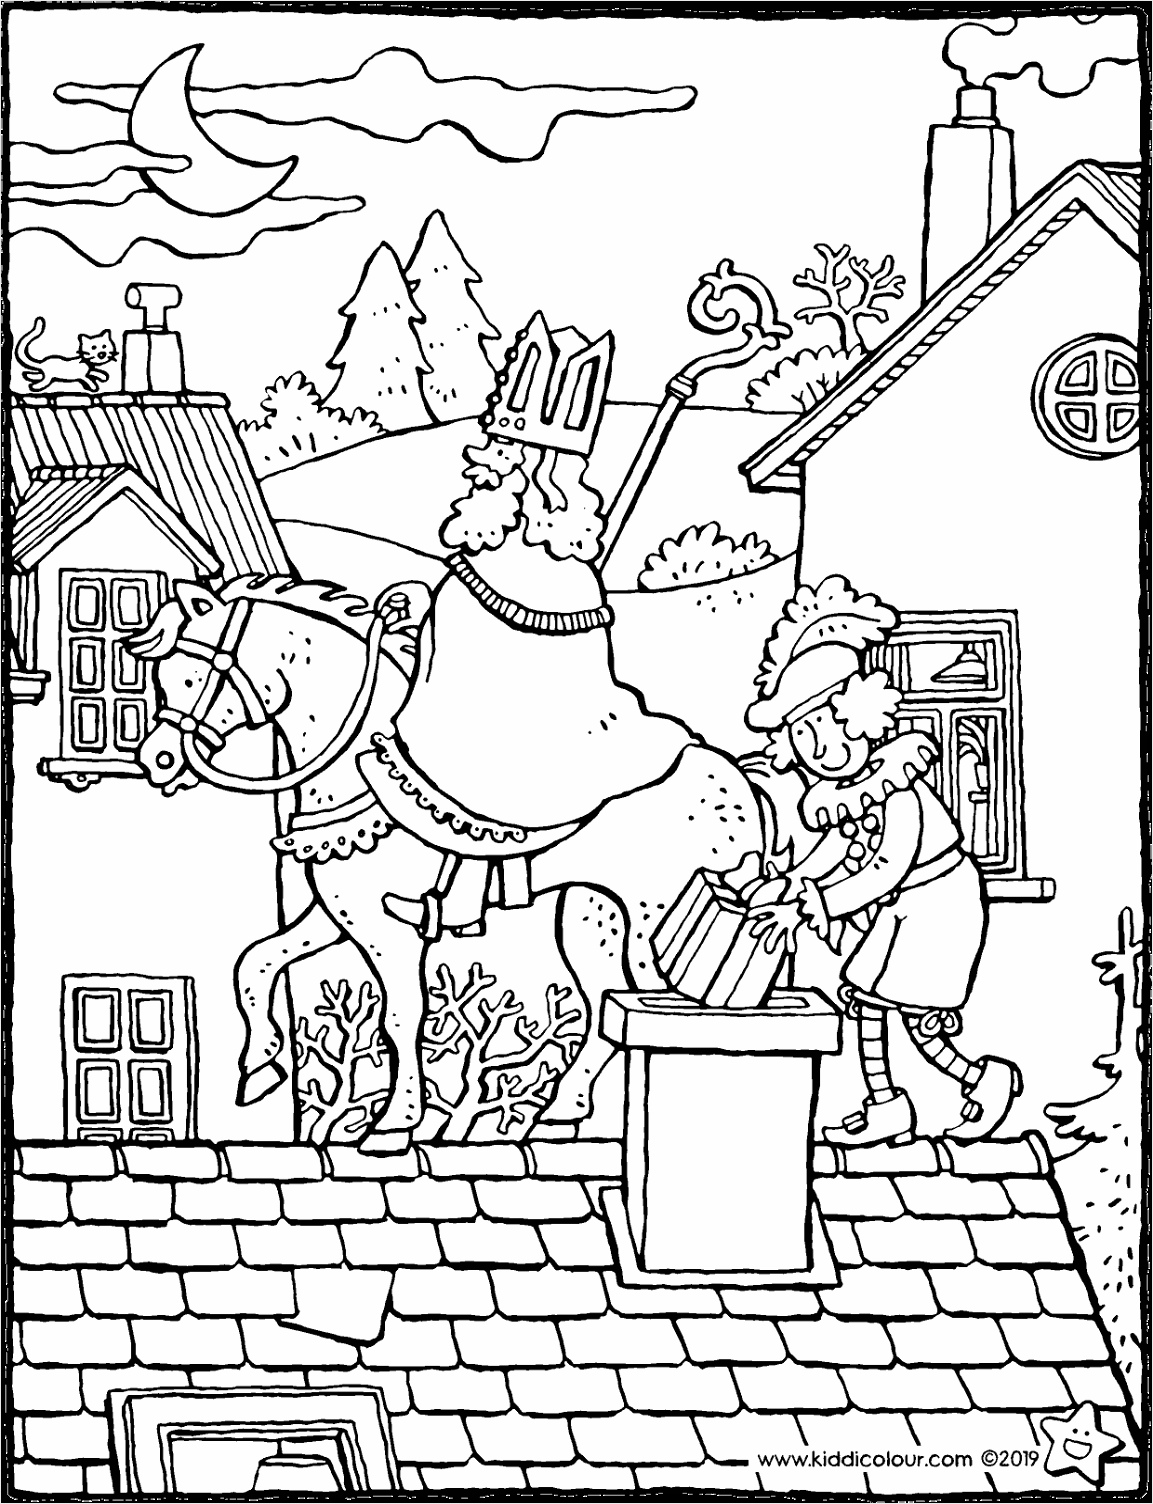 Sint en Piet op het dak kleurplaat kleurprent tekening 01V tortt